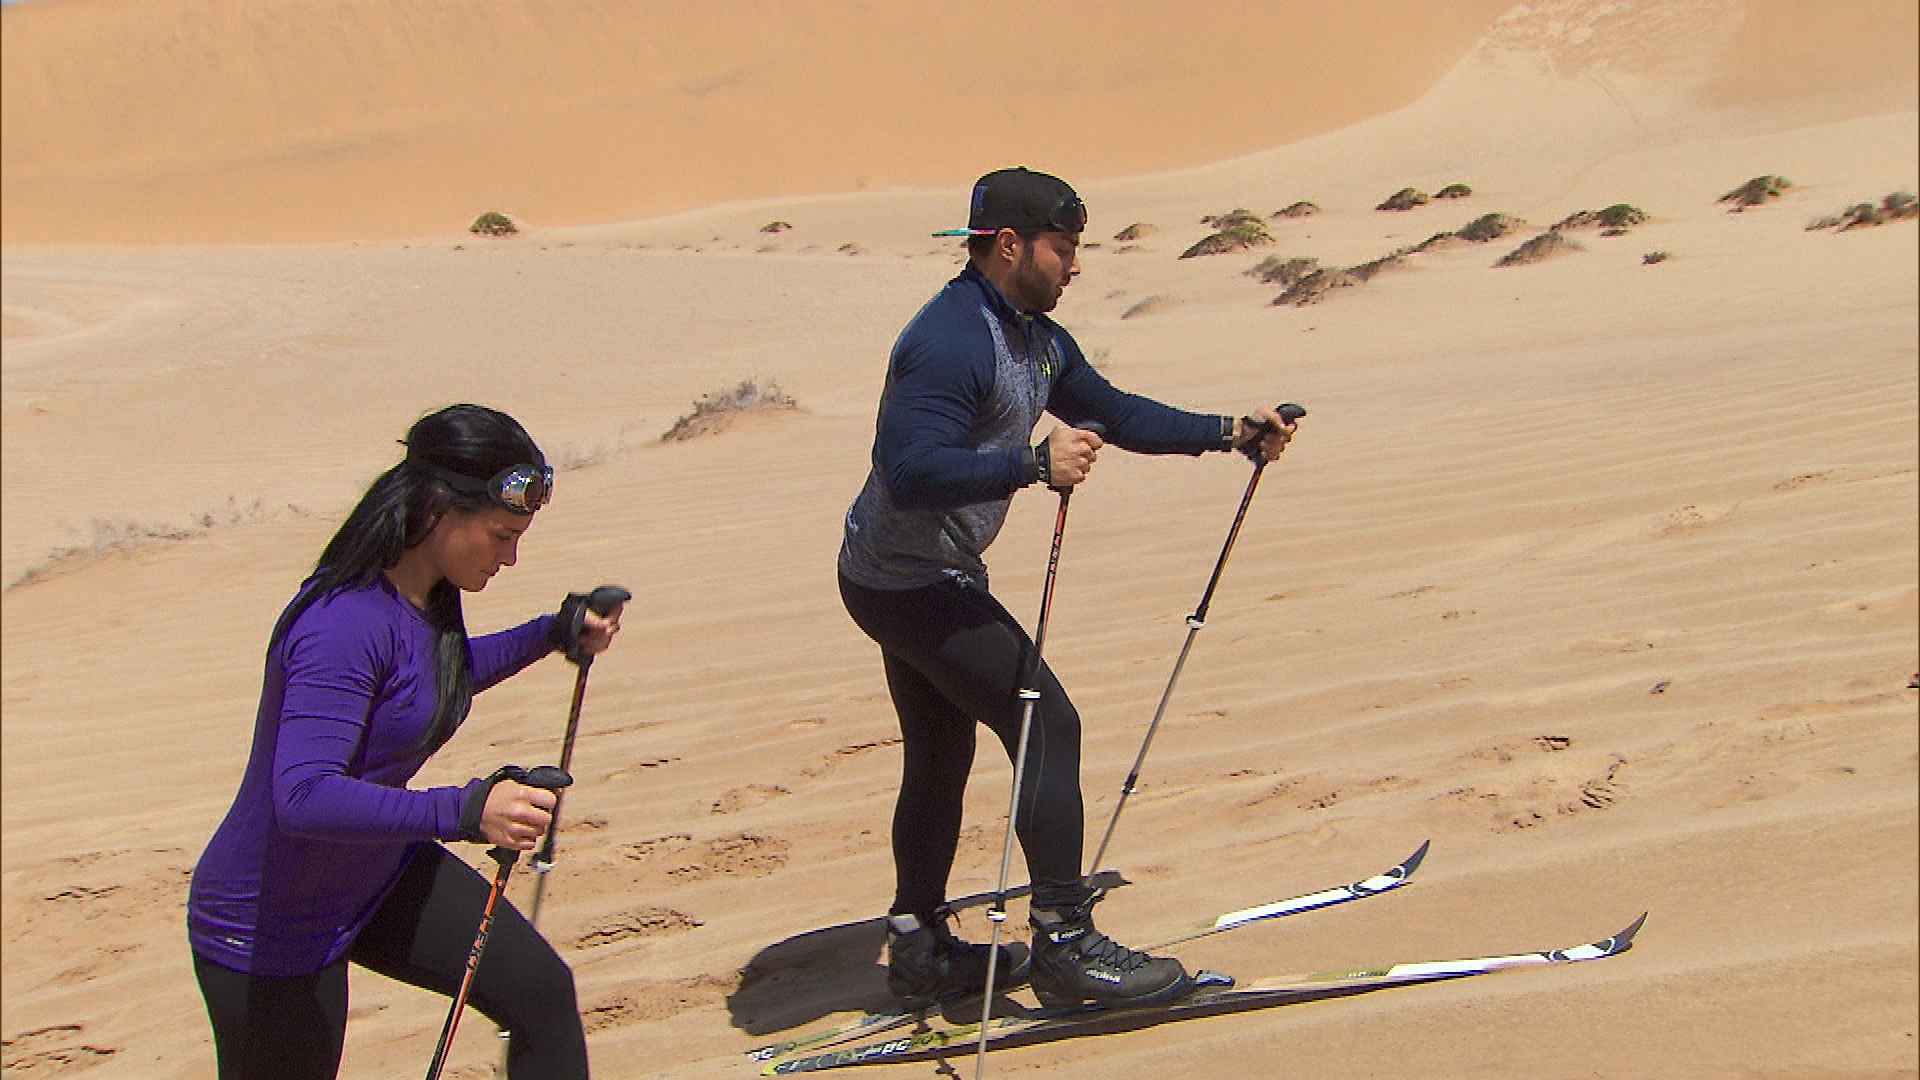 Sand dune skiing